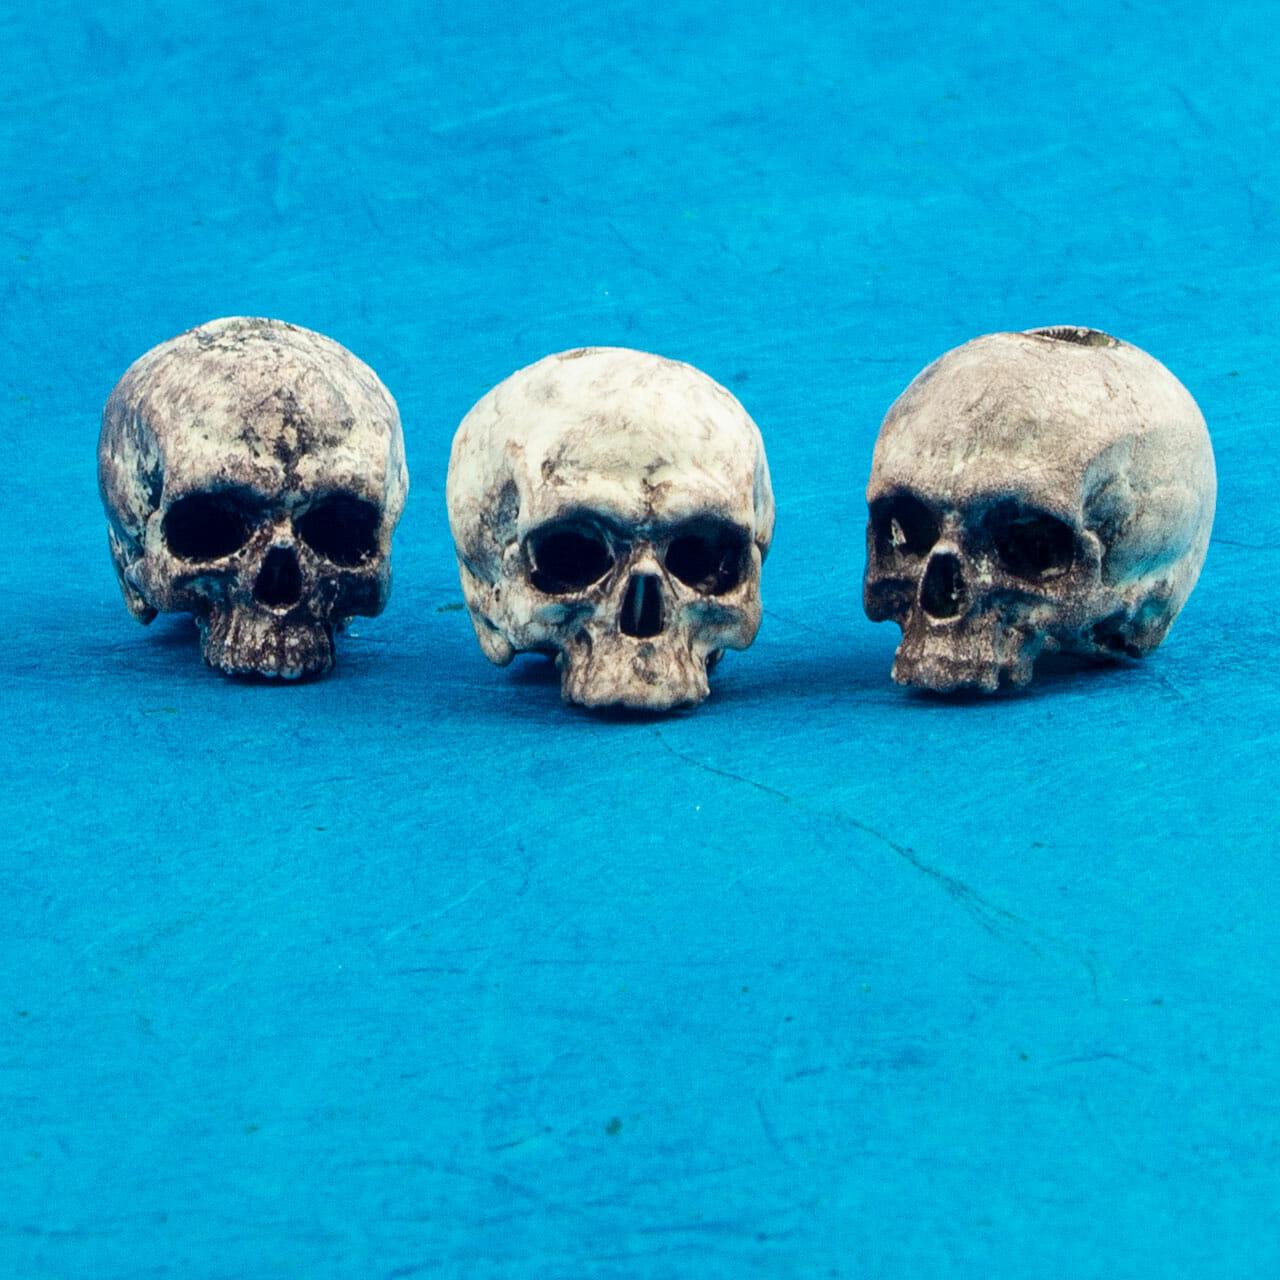 Painted SLA Printed Skull Beads